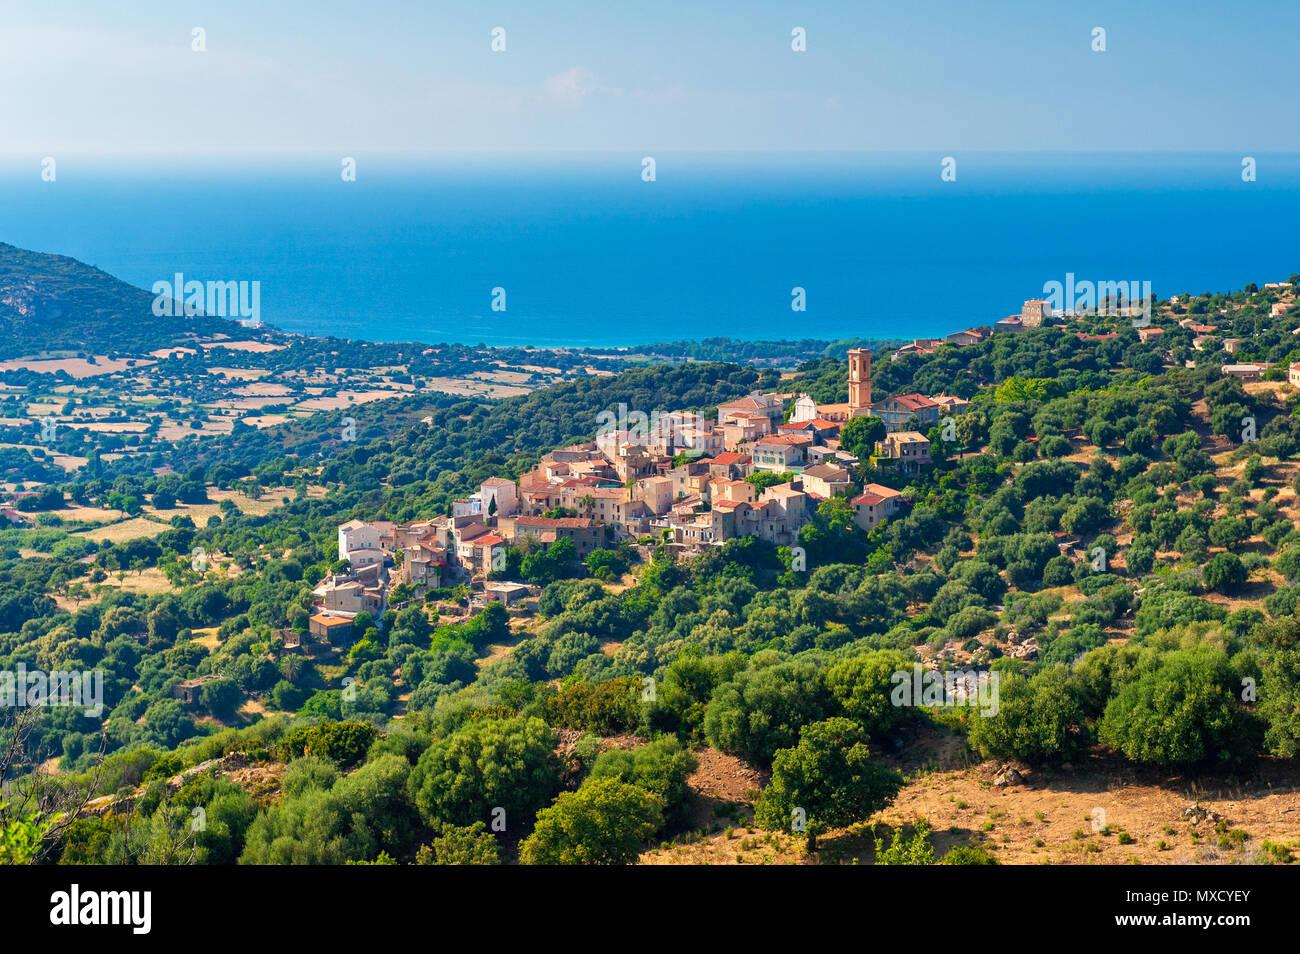 Dorf Sant'Antonino in Korsika Frankreich Stockbild